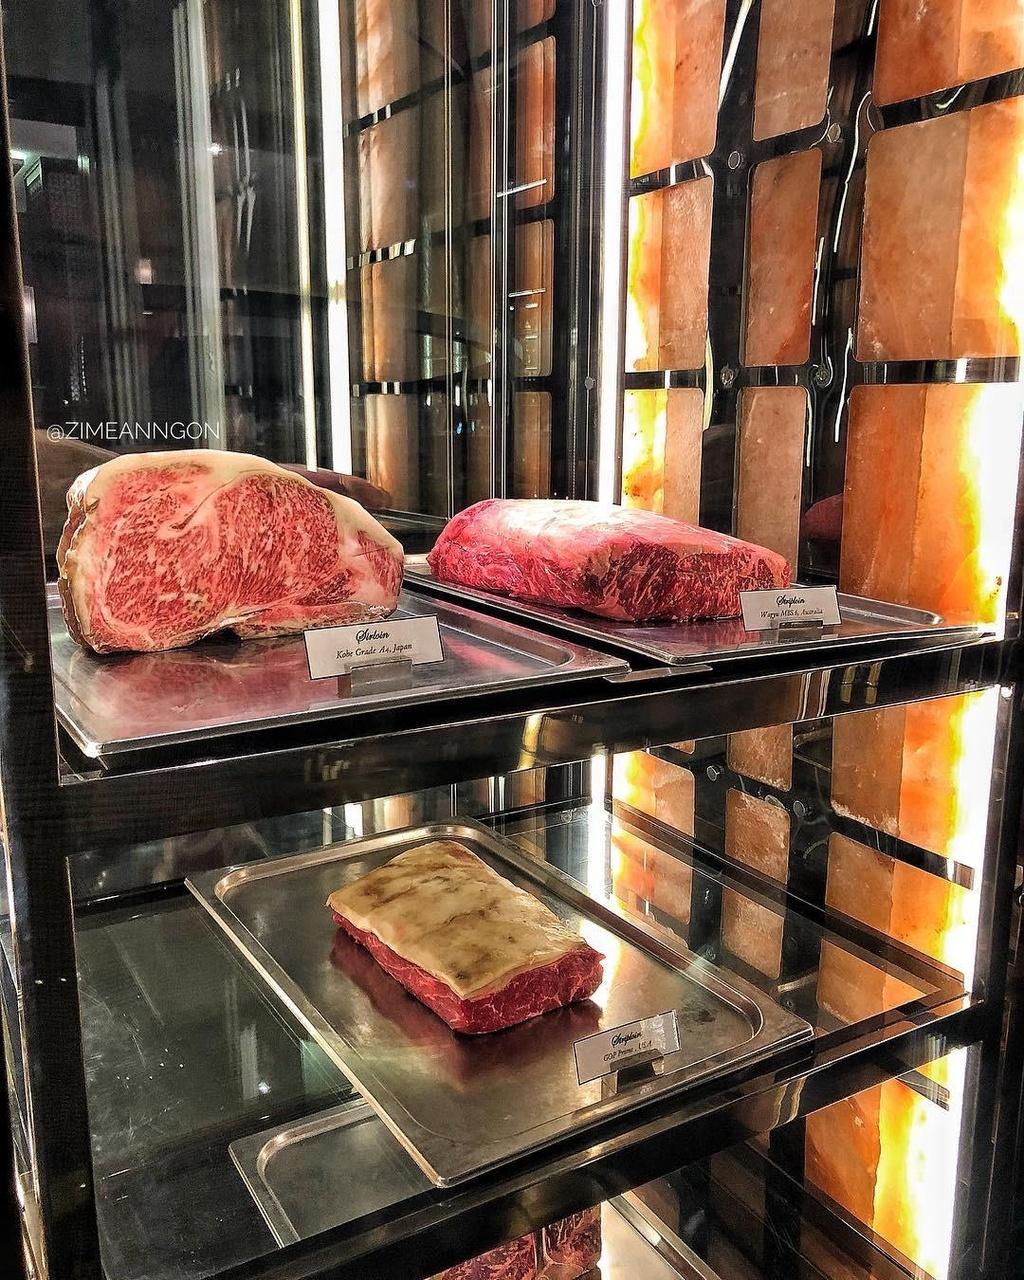 5 nha hang steak dat xat ra mieng noi tieng o Ha Noi hinh anh 7